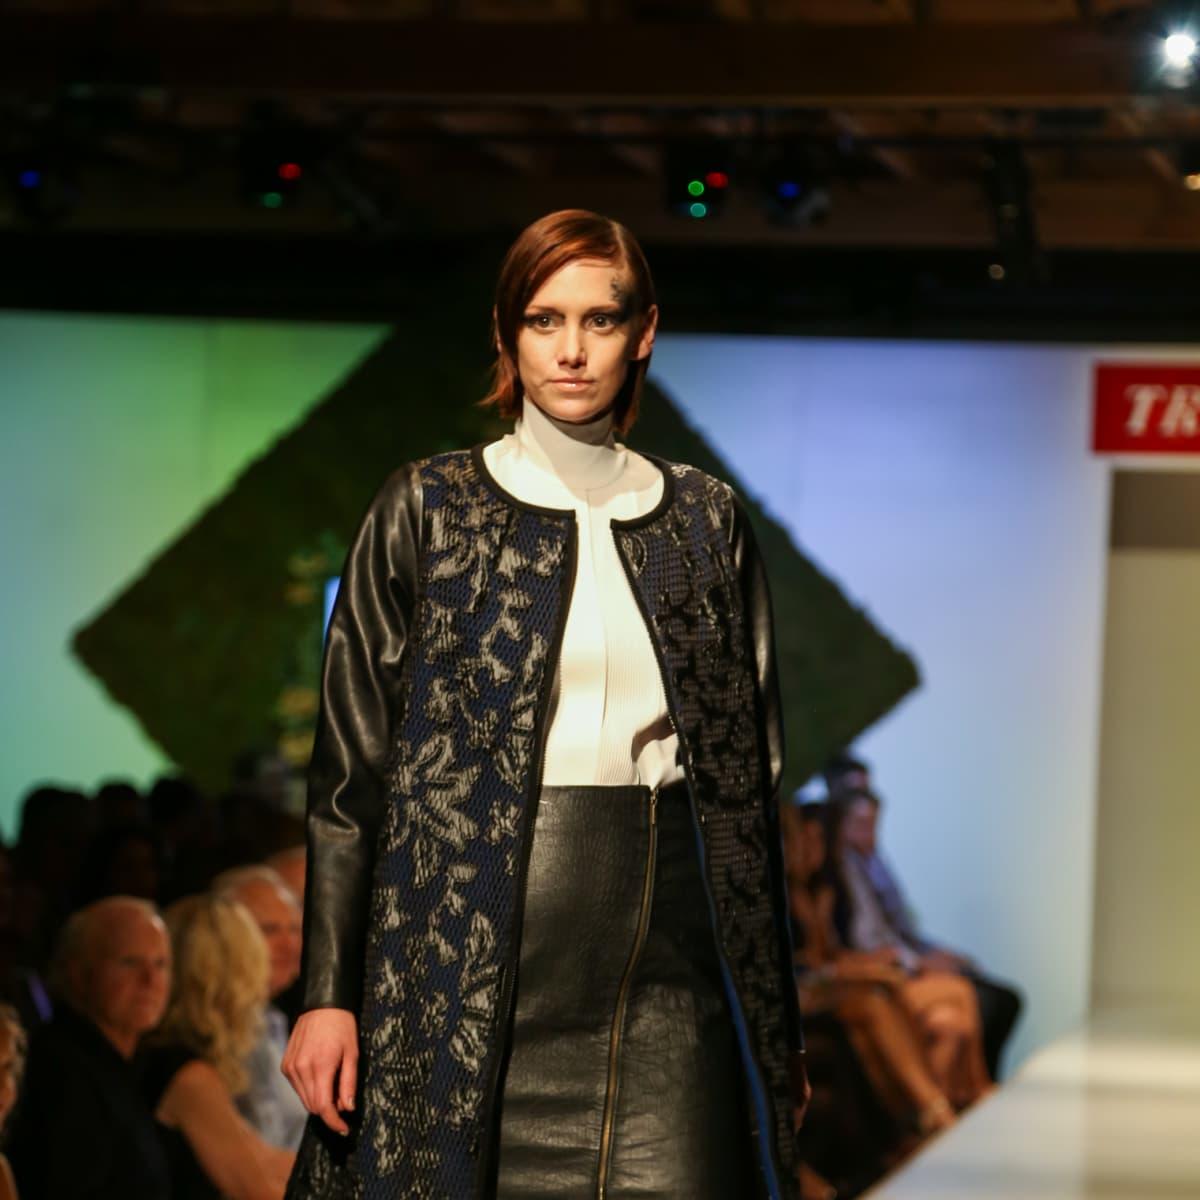 Tribeza Fashion Show 2015 at Brazos Hall Julian Gold